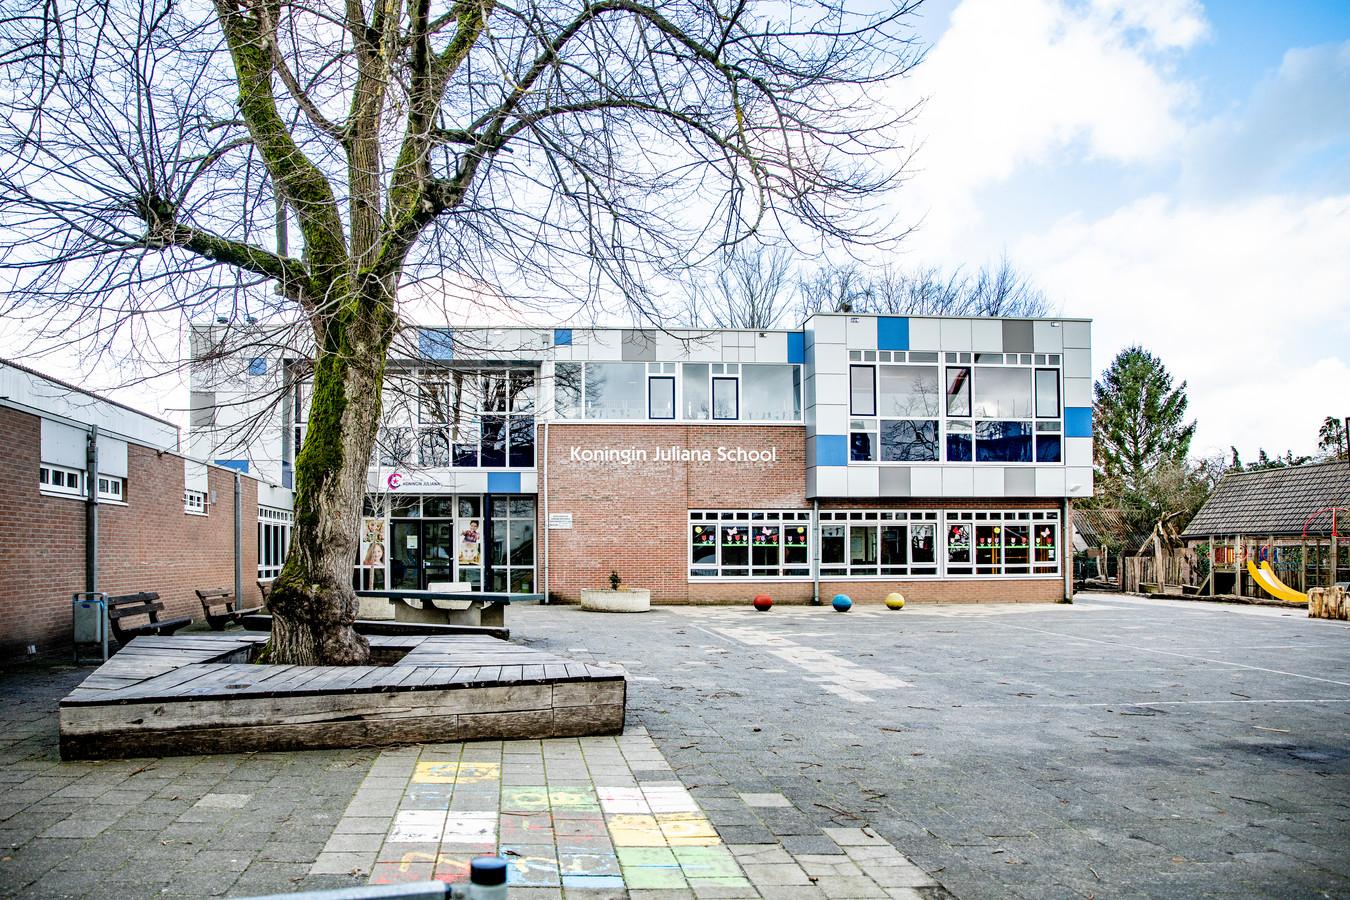 De Koningin Juliana School aan de Loseweg in Apeldoorn-West, nabij Paleis het Loo.